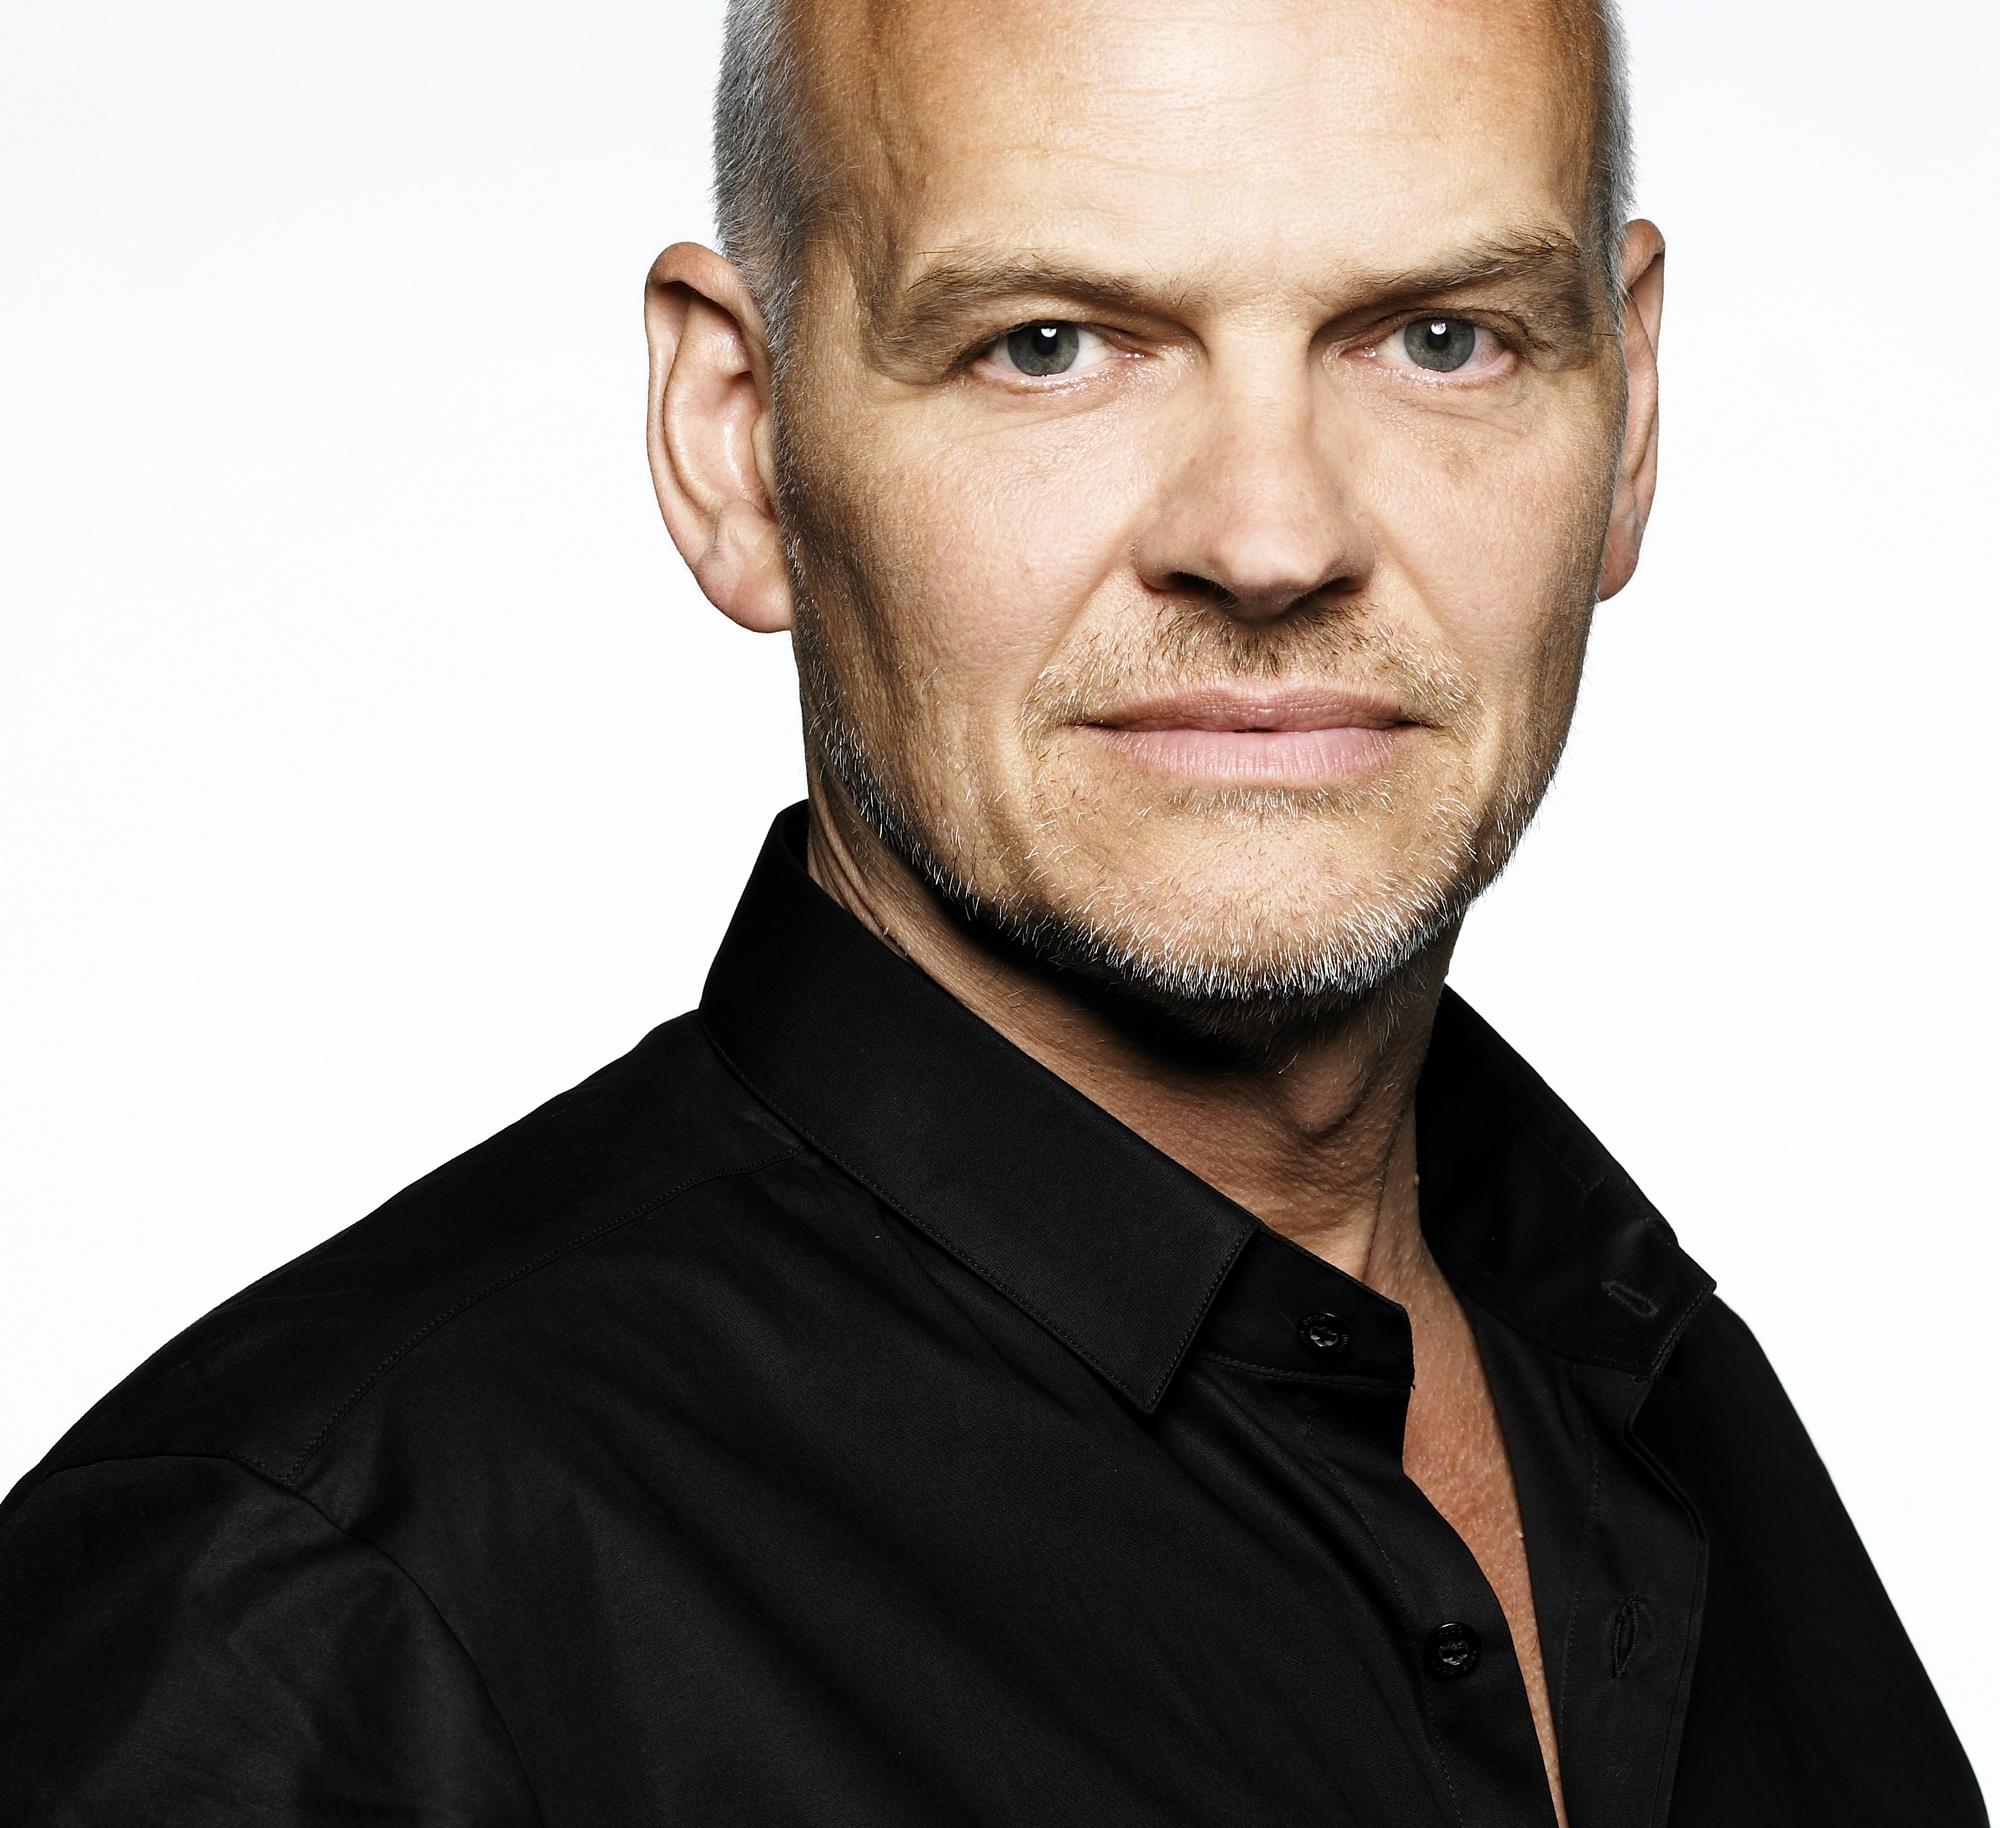 Lars Danielsson (źródło: materiały prasowe organizatora)